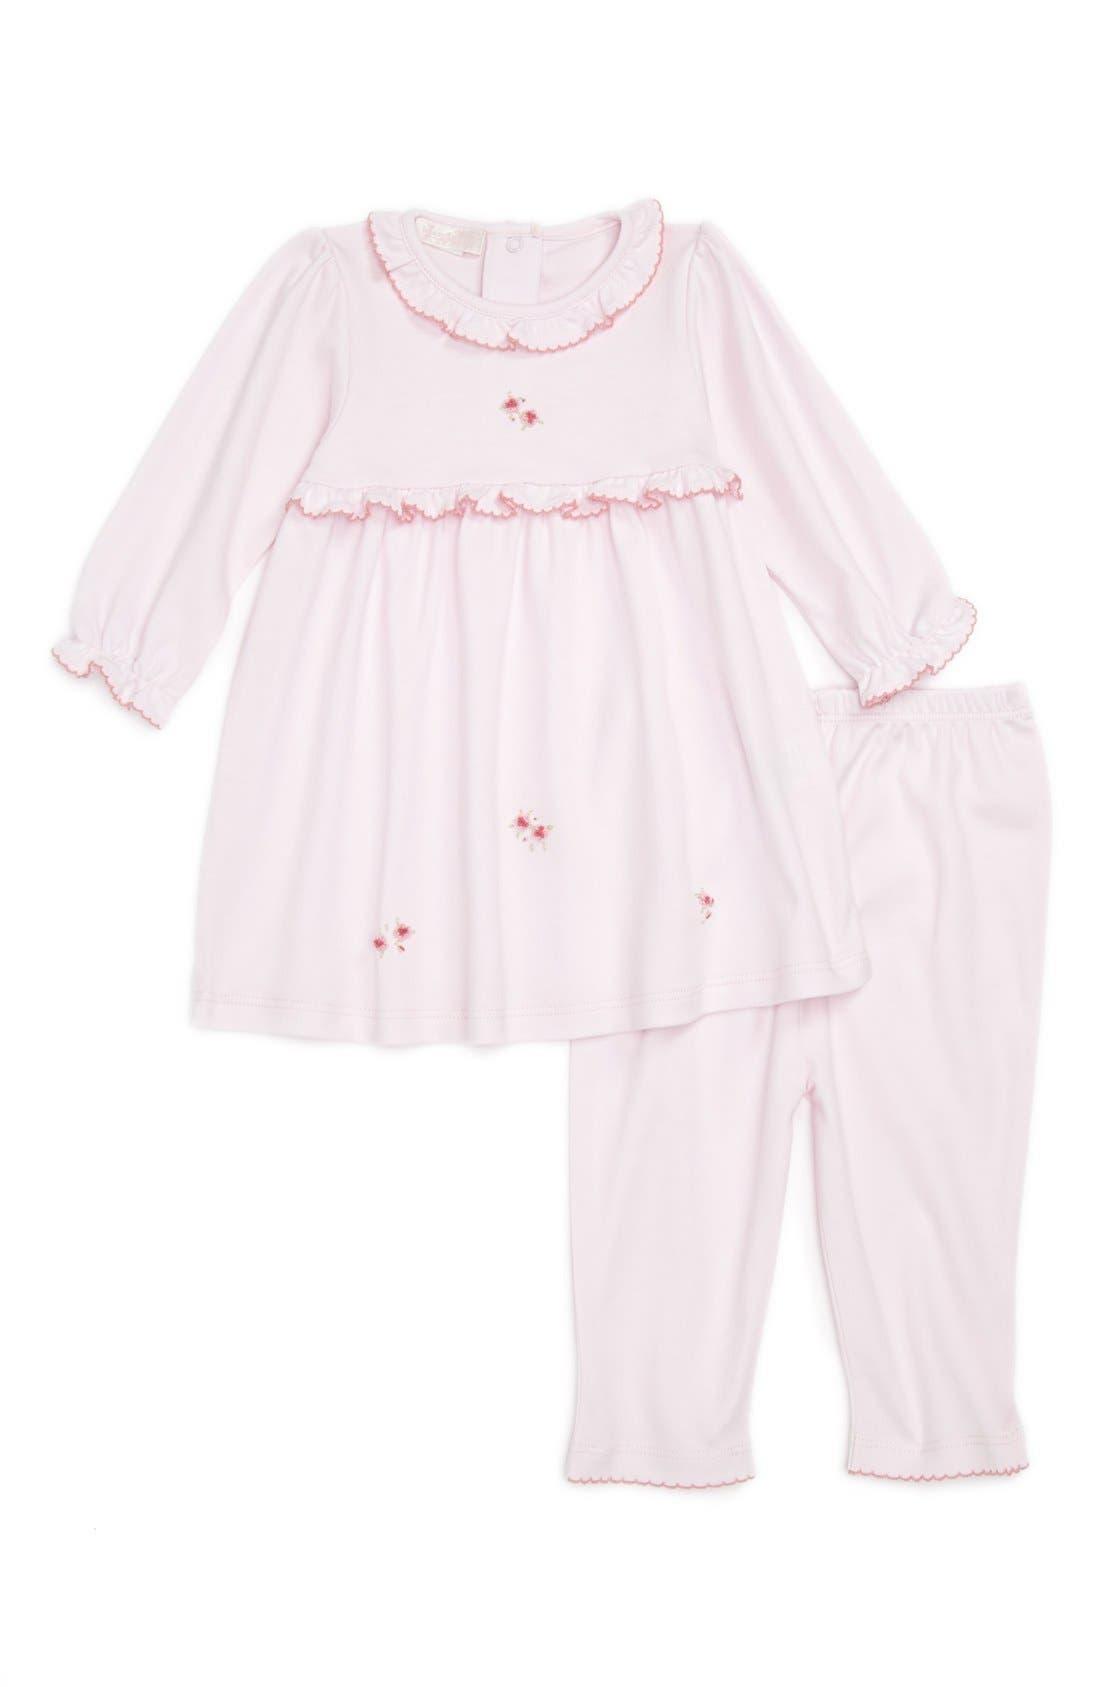 Main Image - Kissy Kissy 'Rose Petal' Dress & Leggings (Baby Girls)